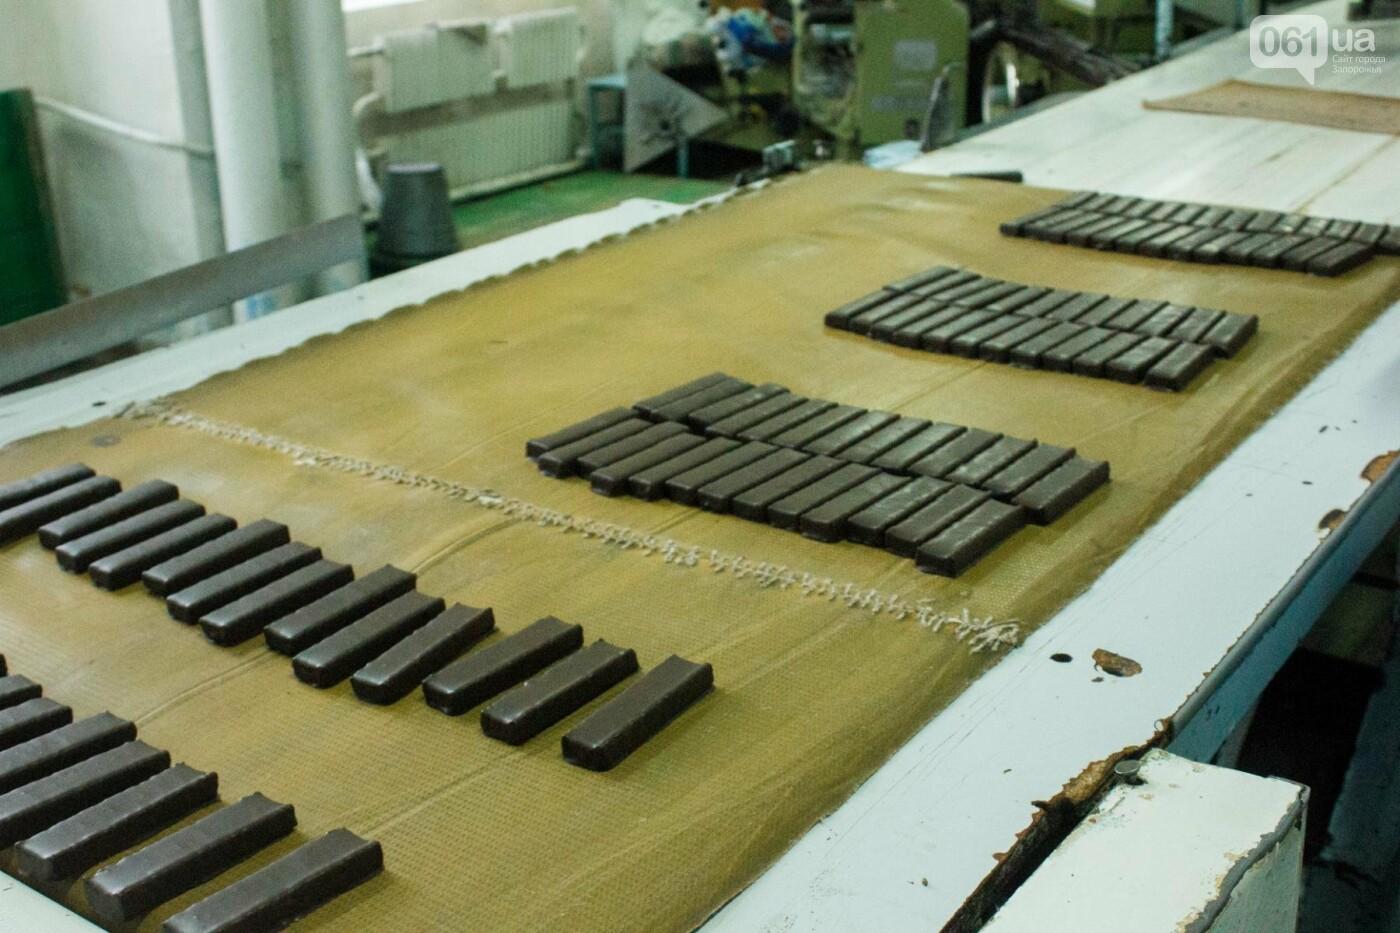 Как в Запорожье делают конфеты: экскурсия на кондитерскую фабрику, – ФОТОРЕПОРТАЖ, фото-9